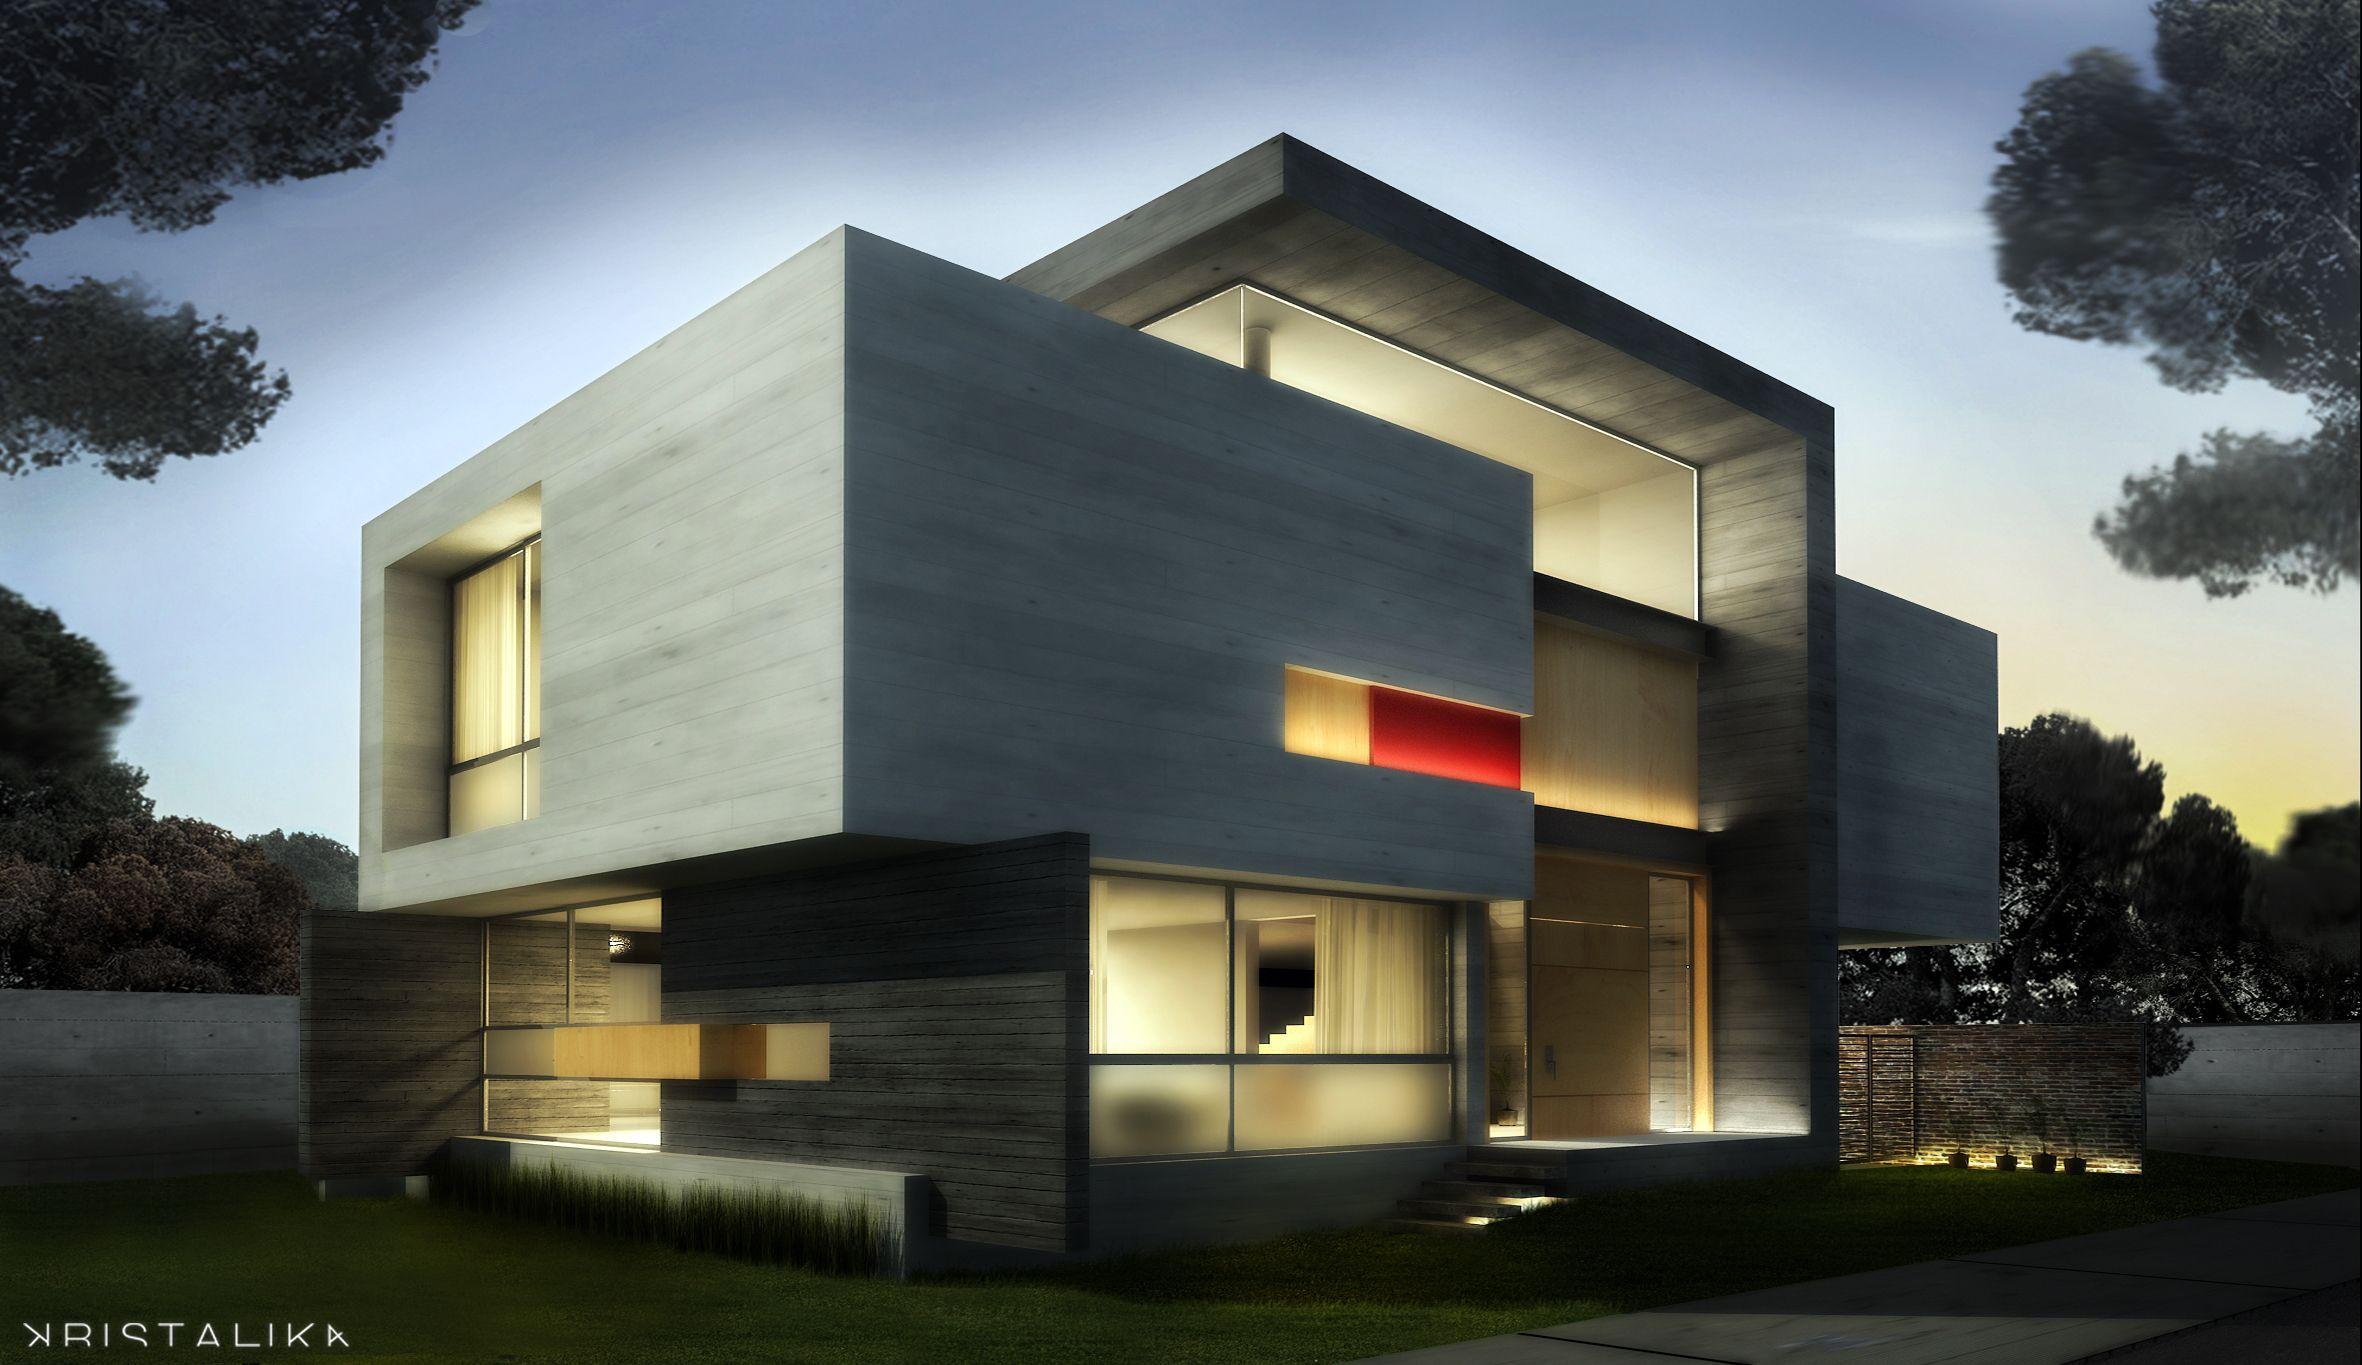 EL CIELO HOUSE Planos de casas minimalistas